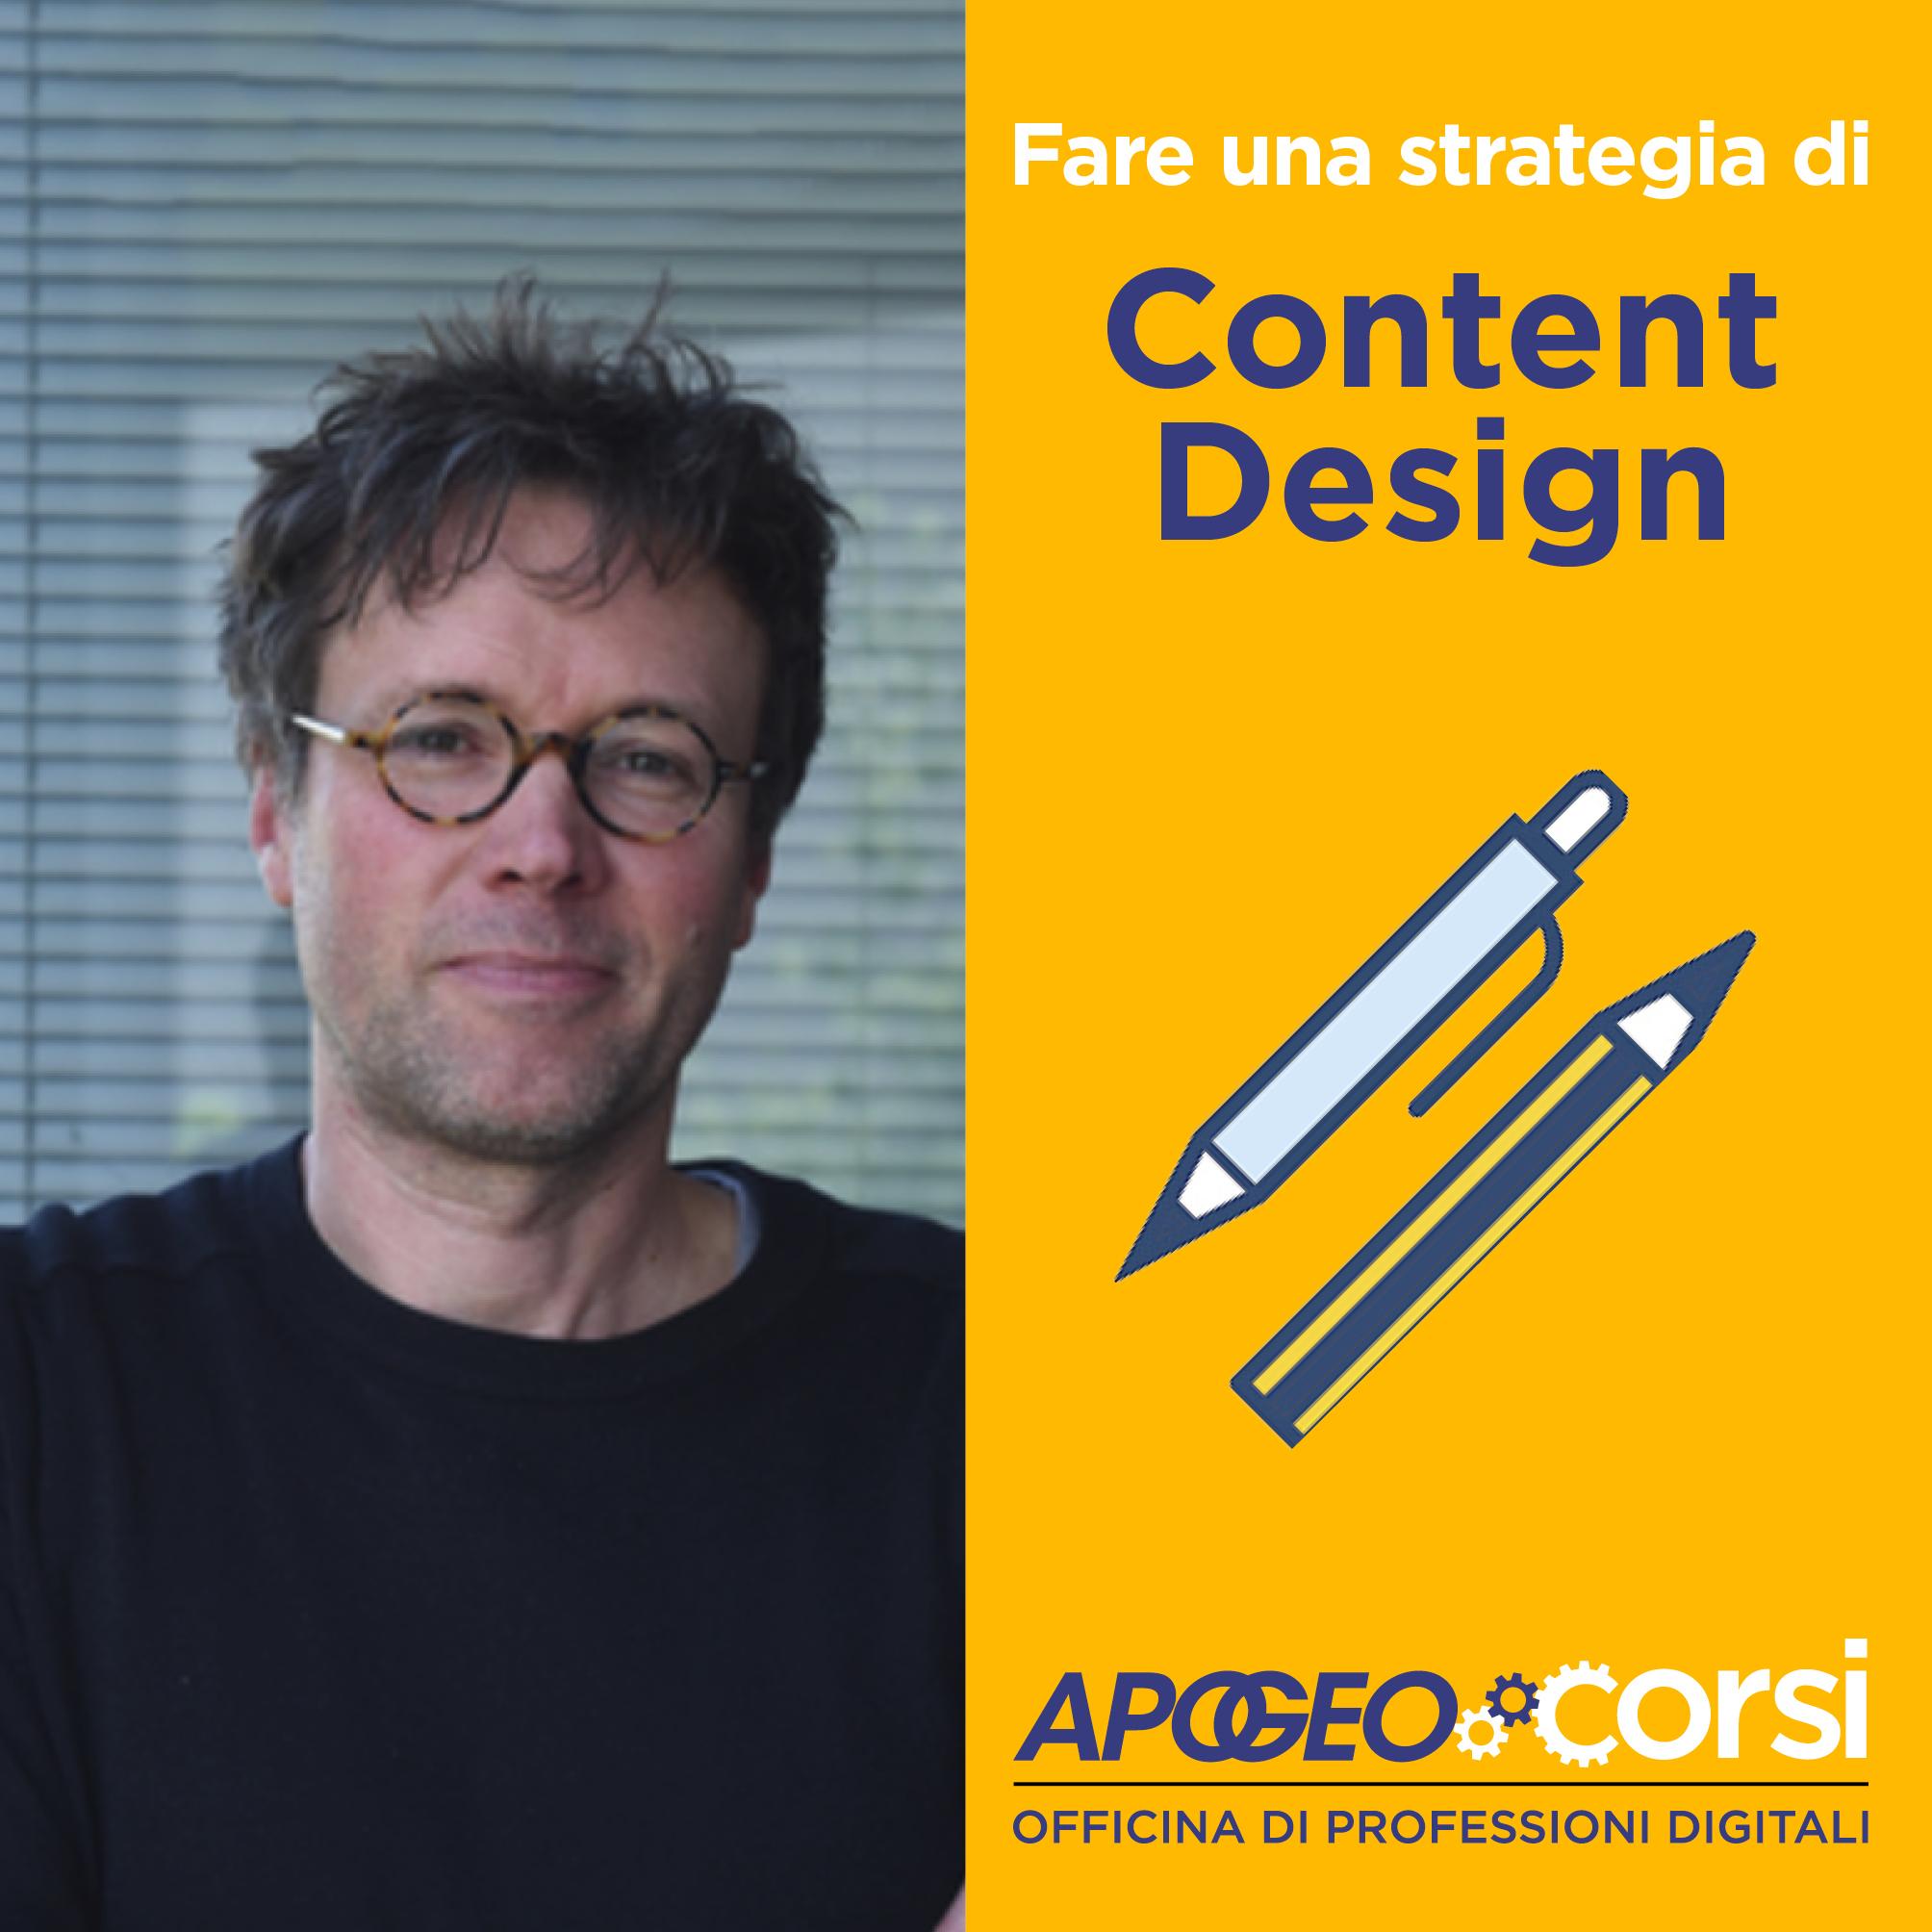 Fare una strategia di Content Design, di Nicola Bonora